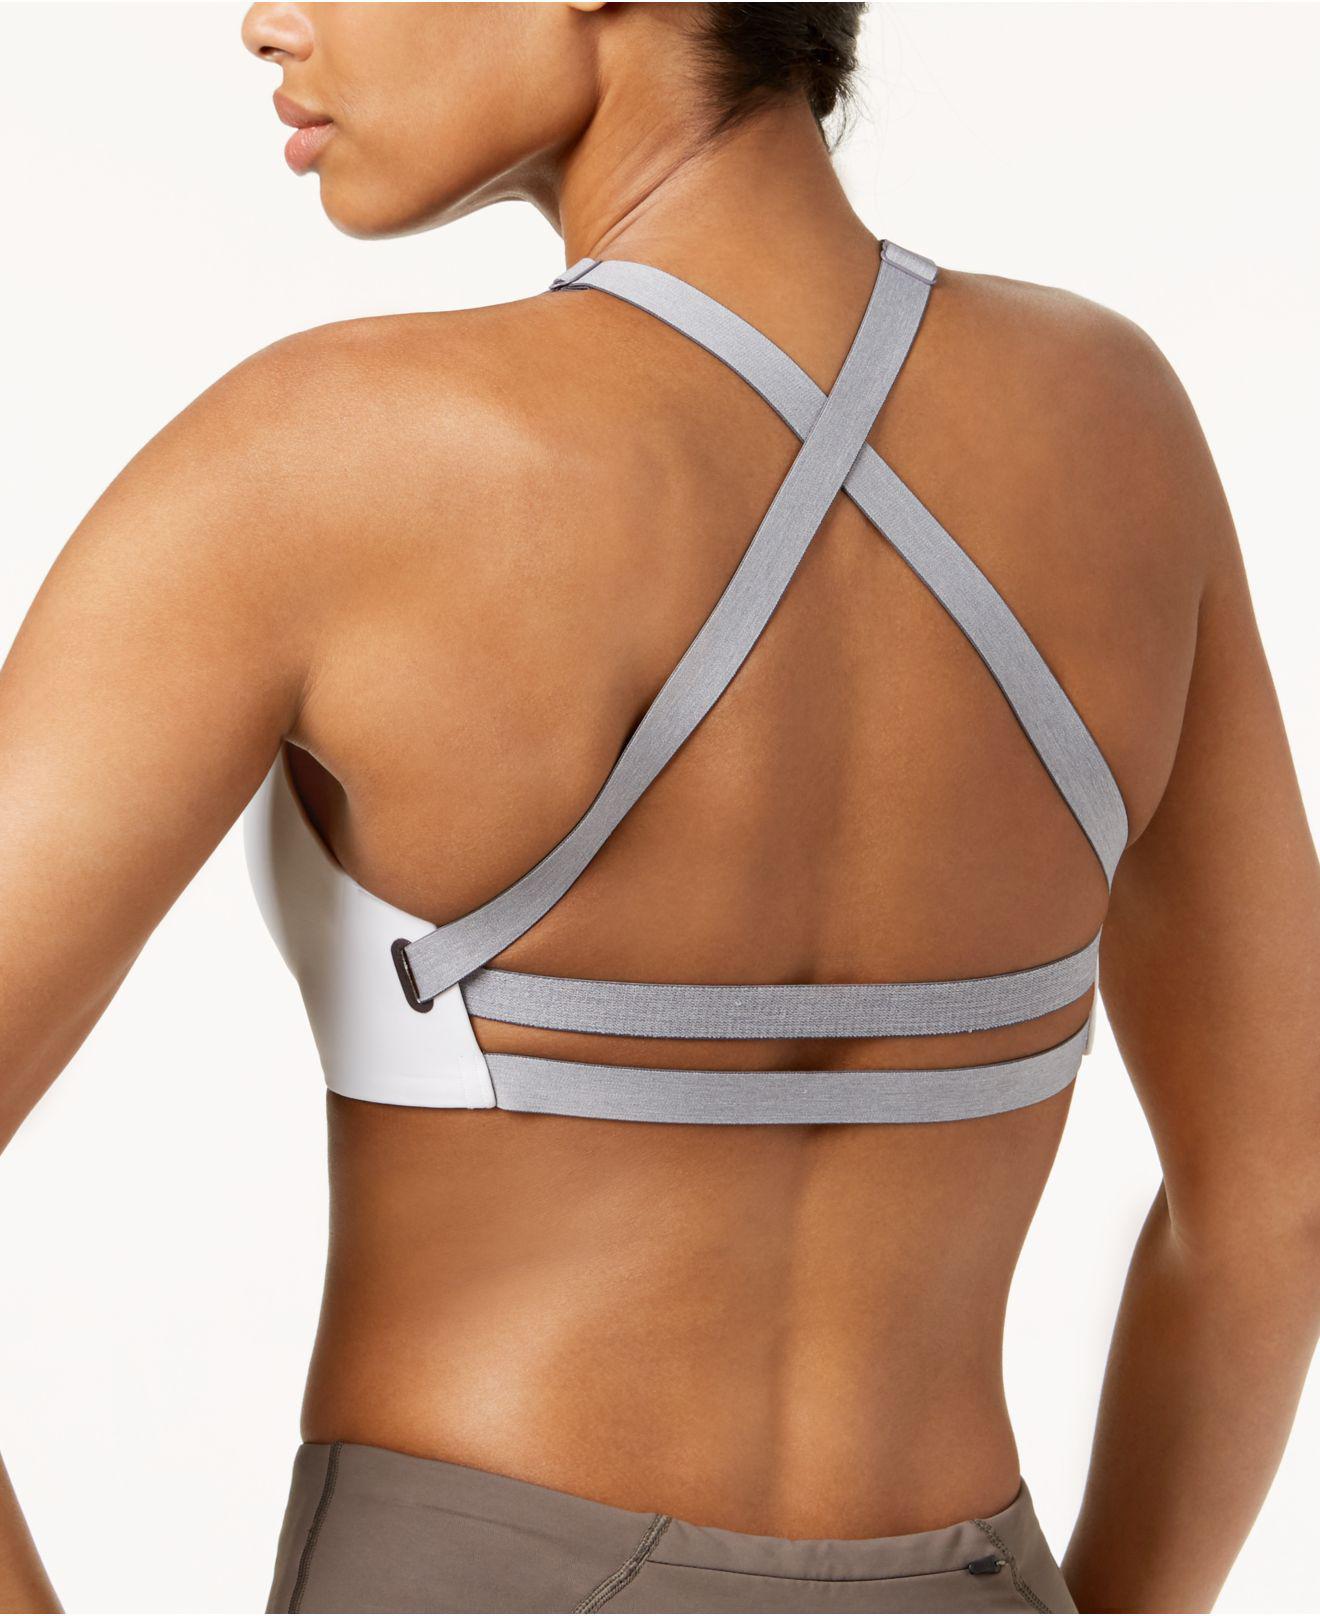 389bca27e0 Lyst - Nike Studio Dri-fit Cross-back Medium-support Sports Bra in White